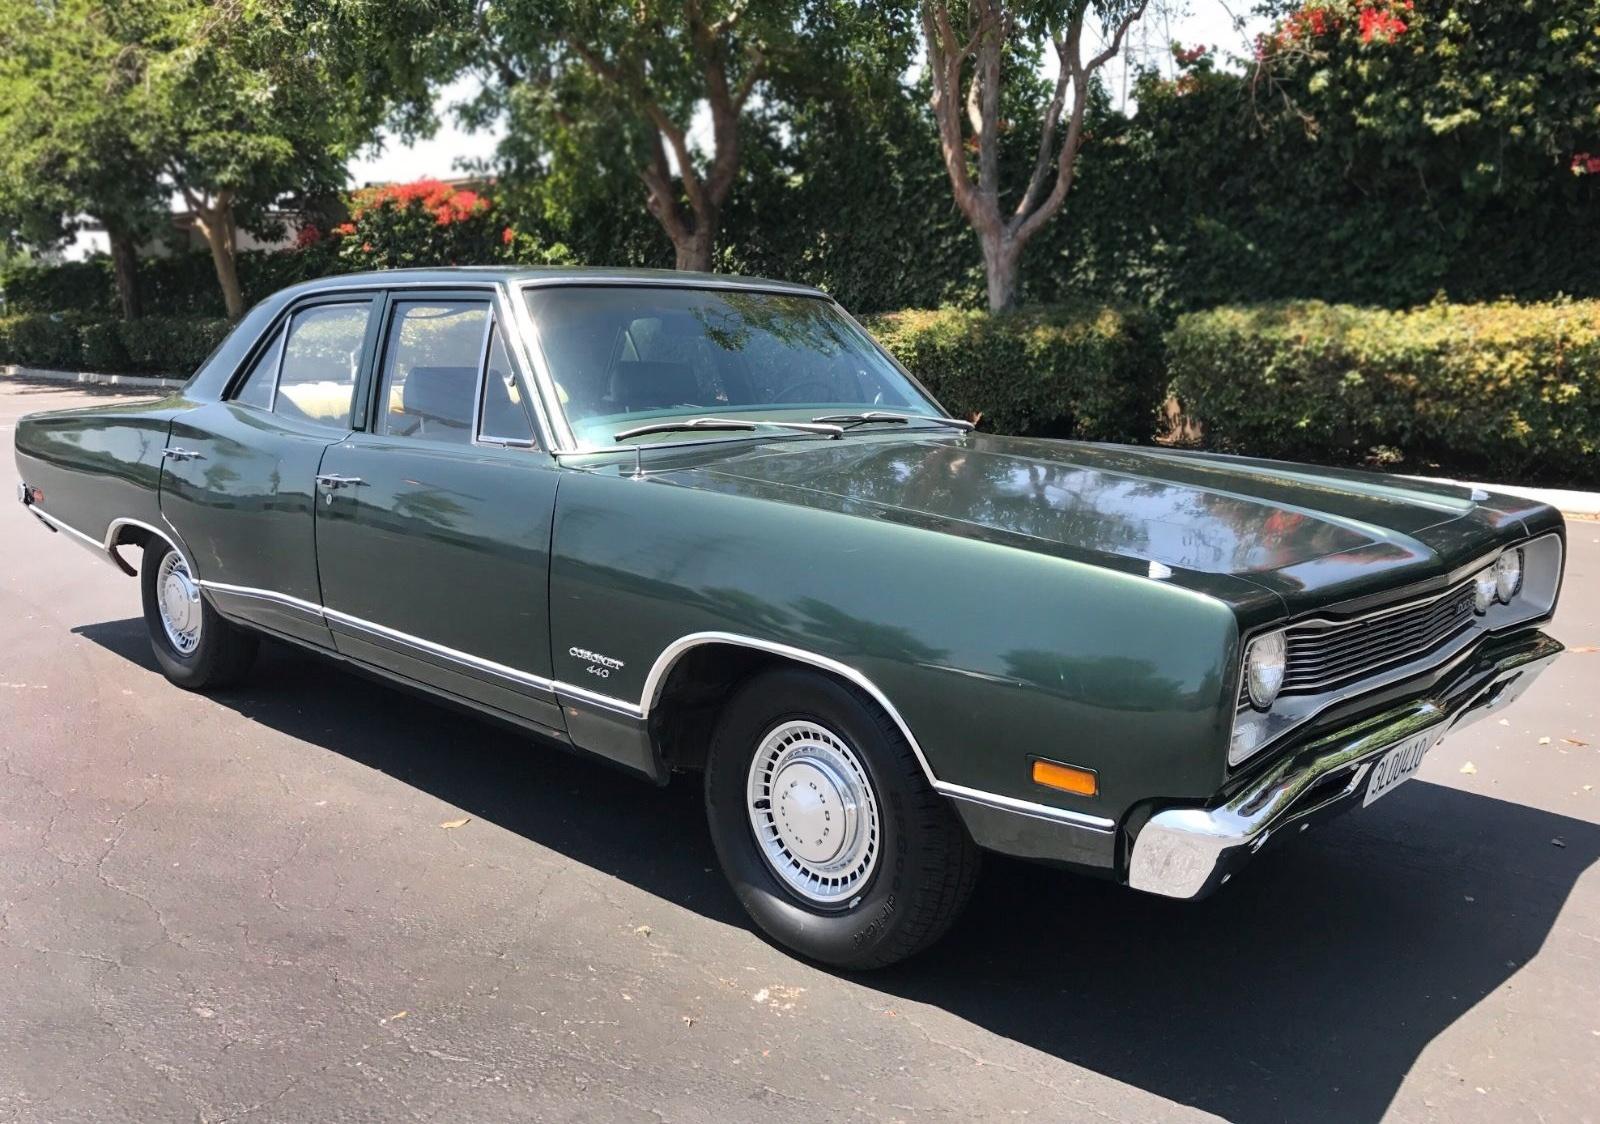 Dodge Models List >> Beautiful B-Body: 1969 Dodge Coronet 440